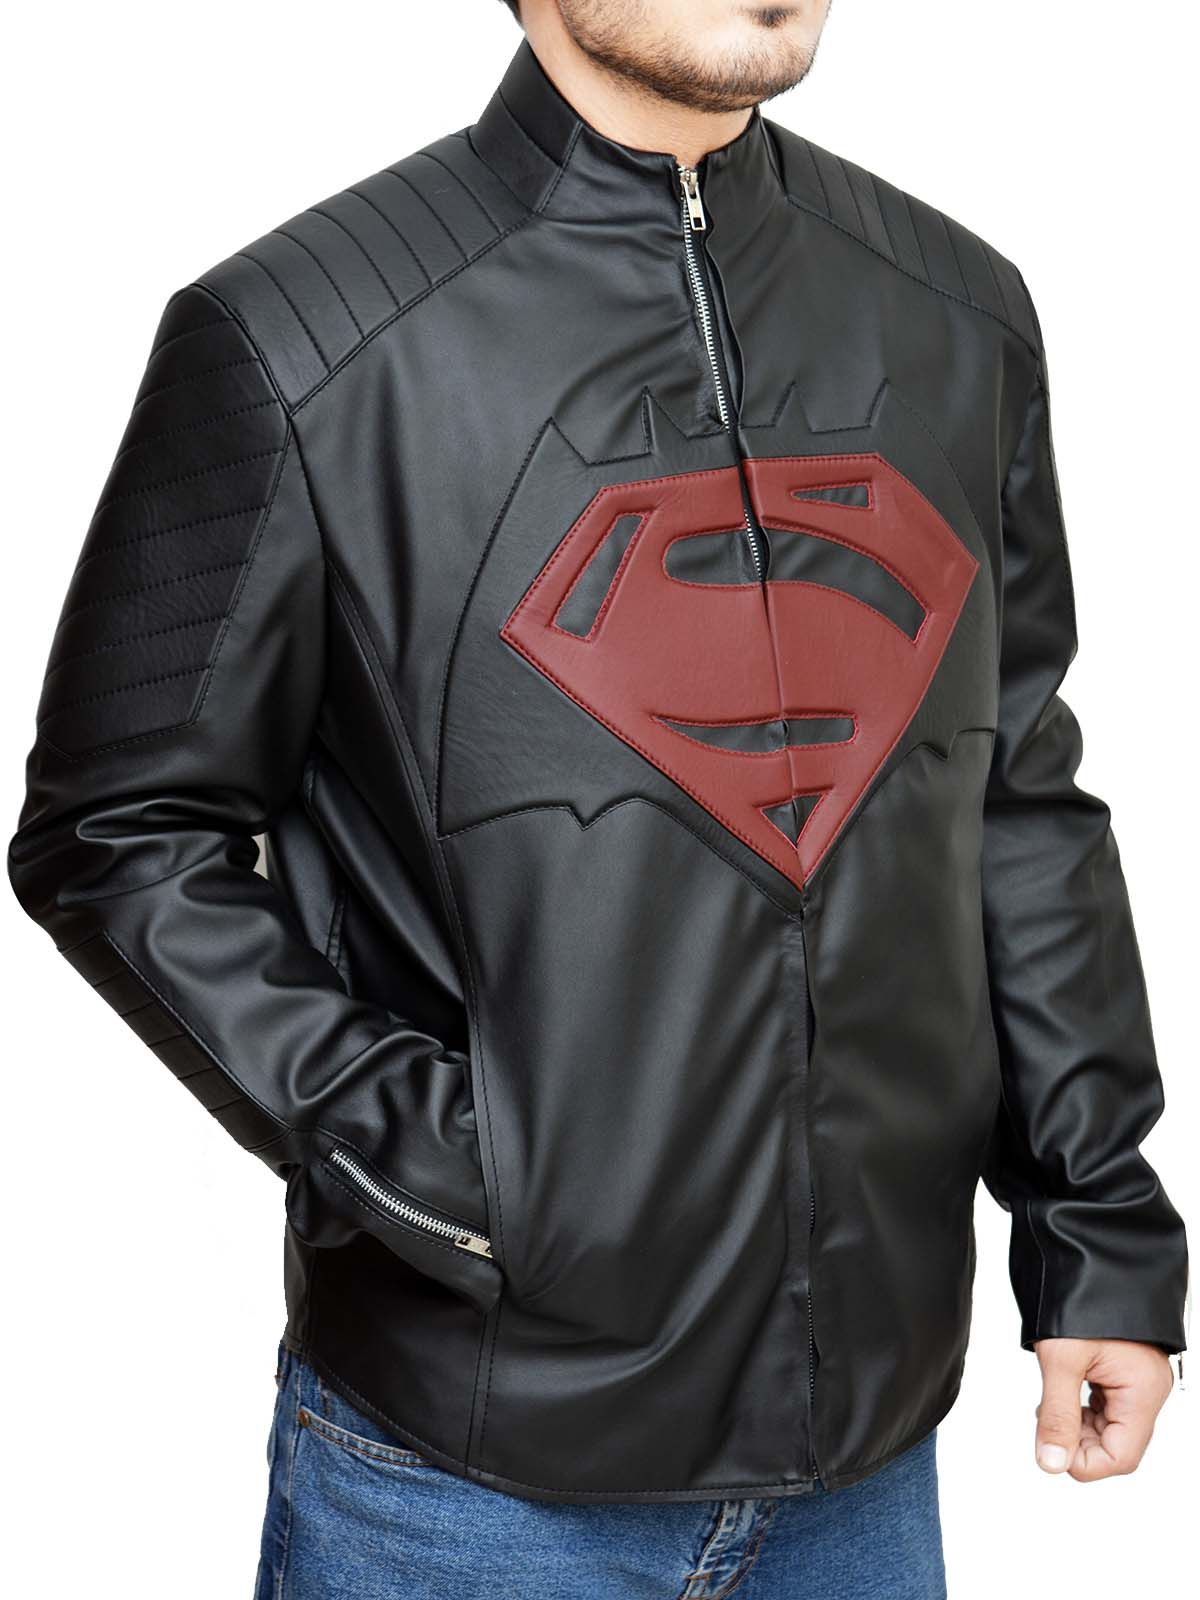 Superman Mens Marvel Superhero Leather Jacket Real